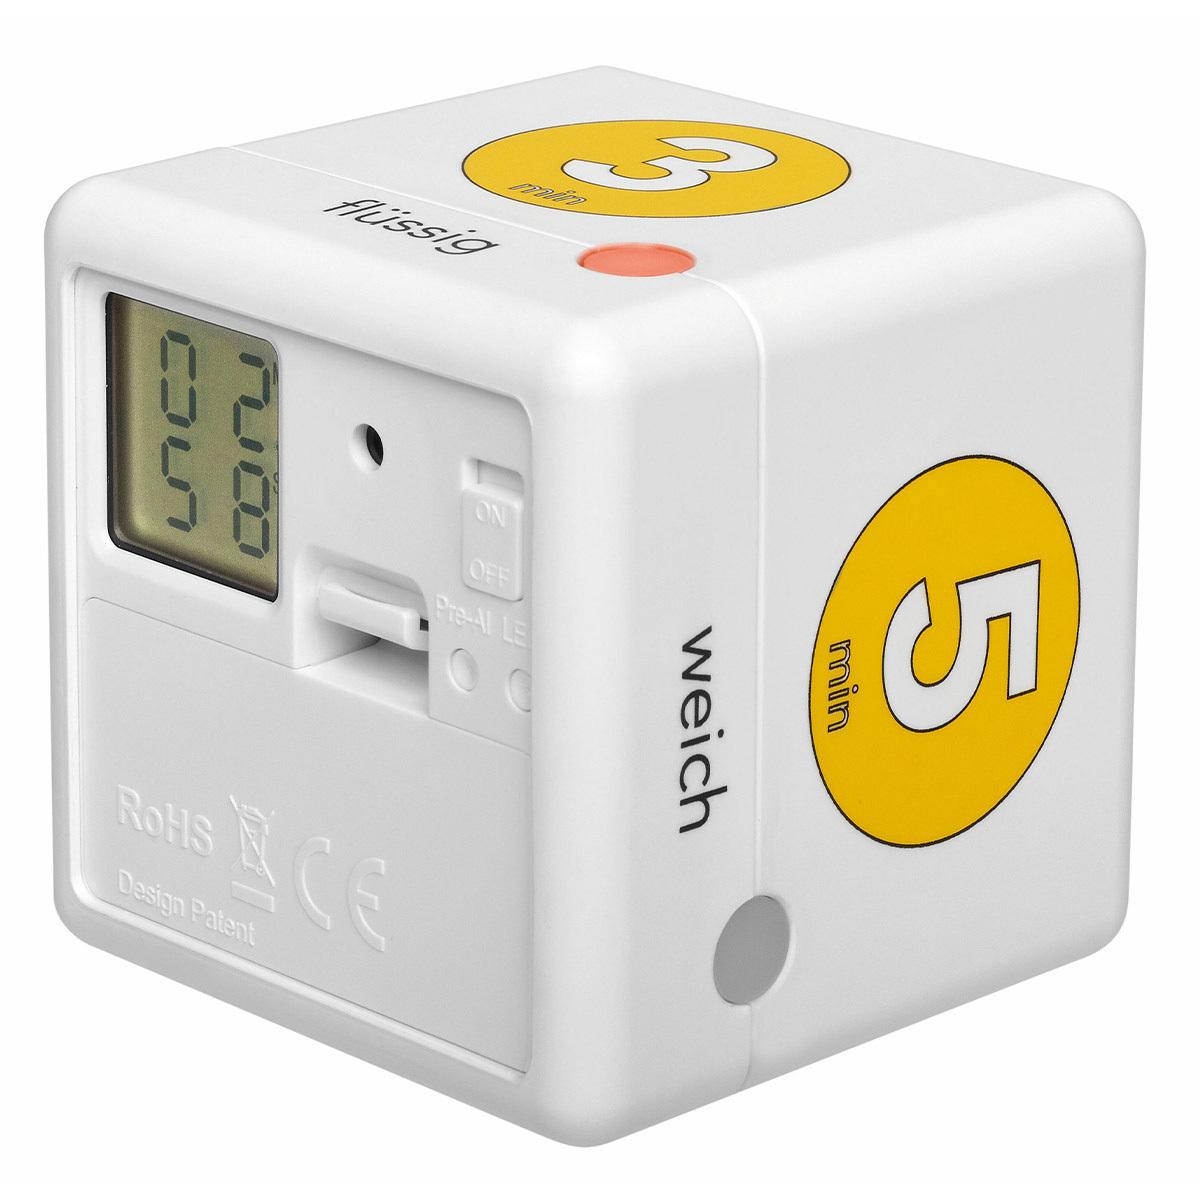 38-2041-07-digitaler-eier-timer-cube-timer-anwendung-1200x1200px.jpg